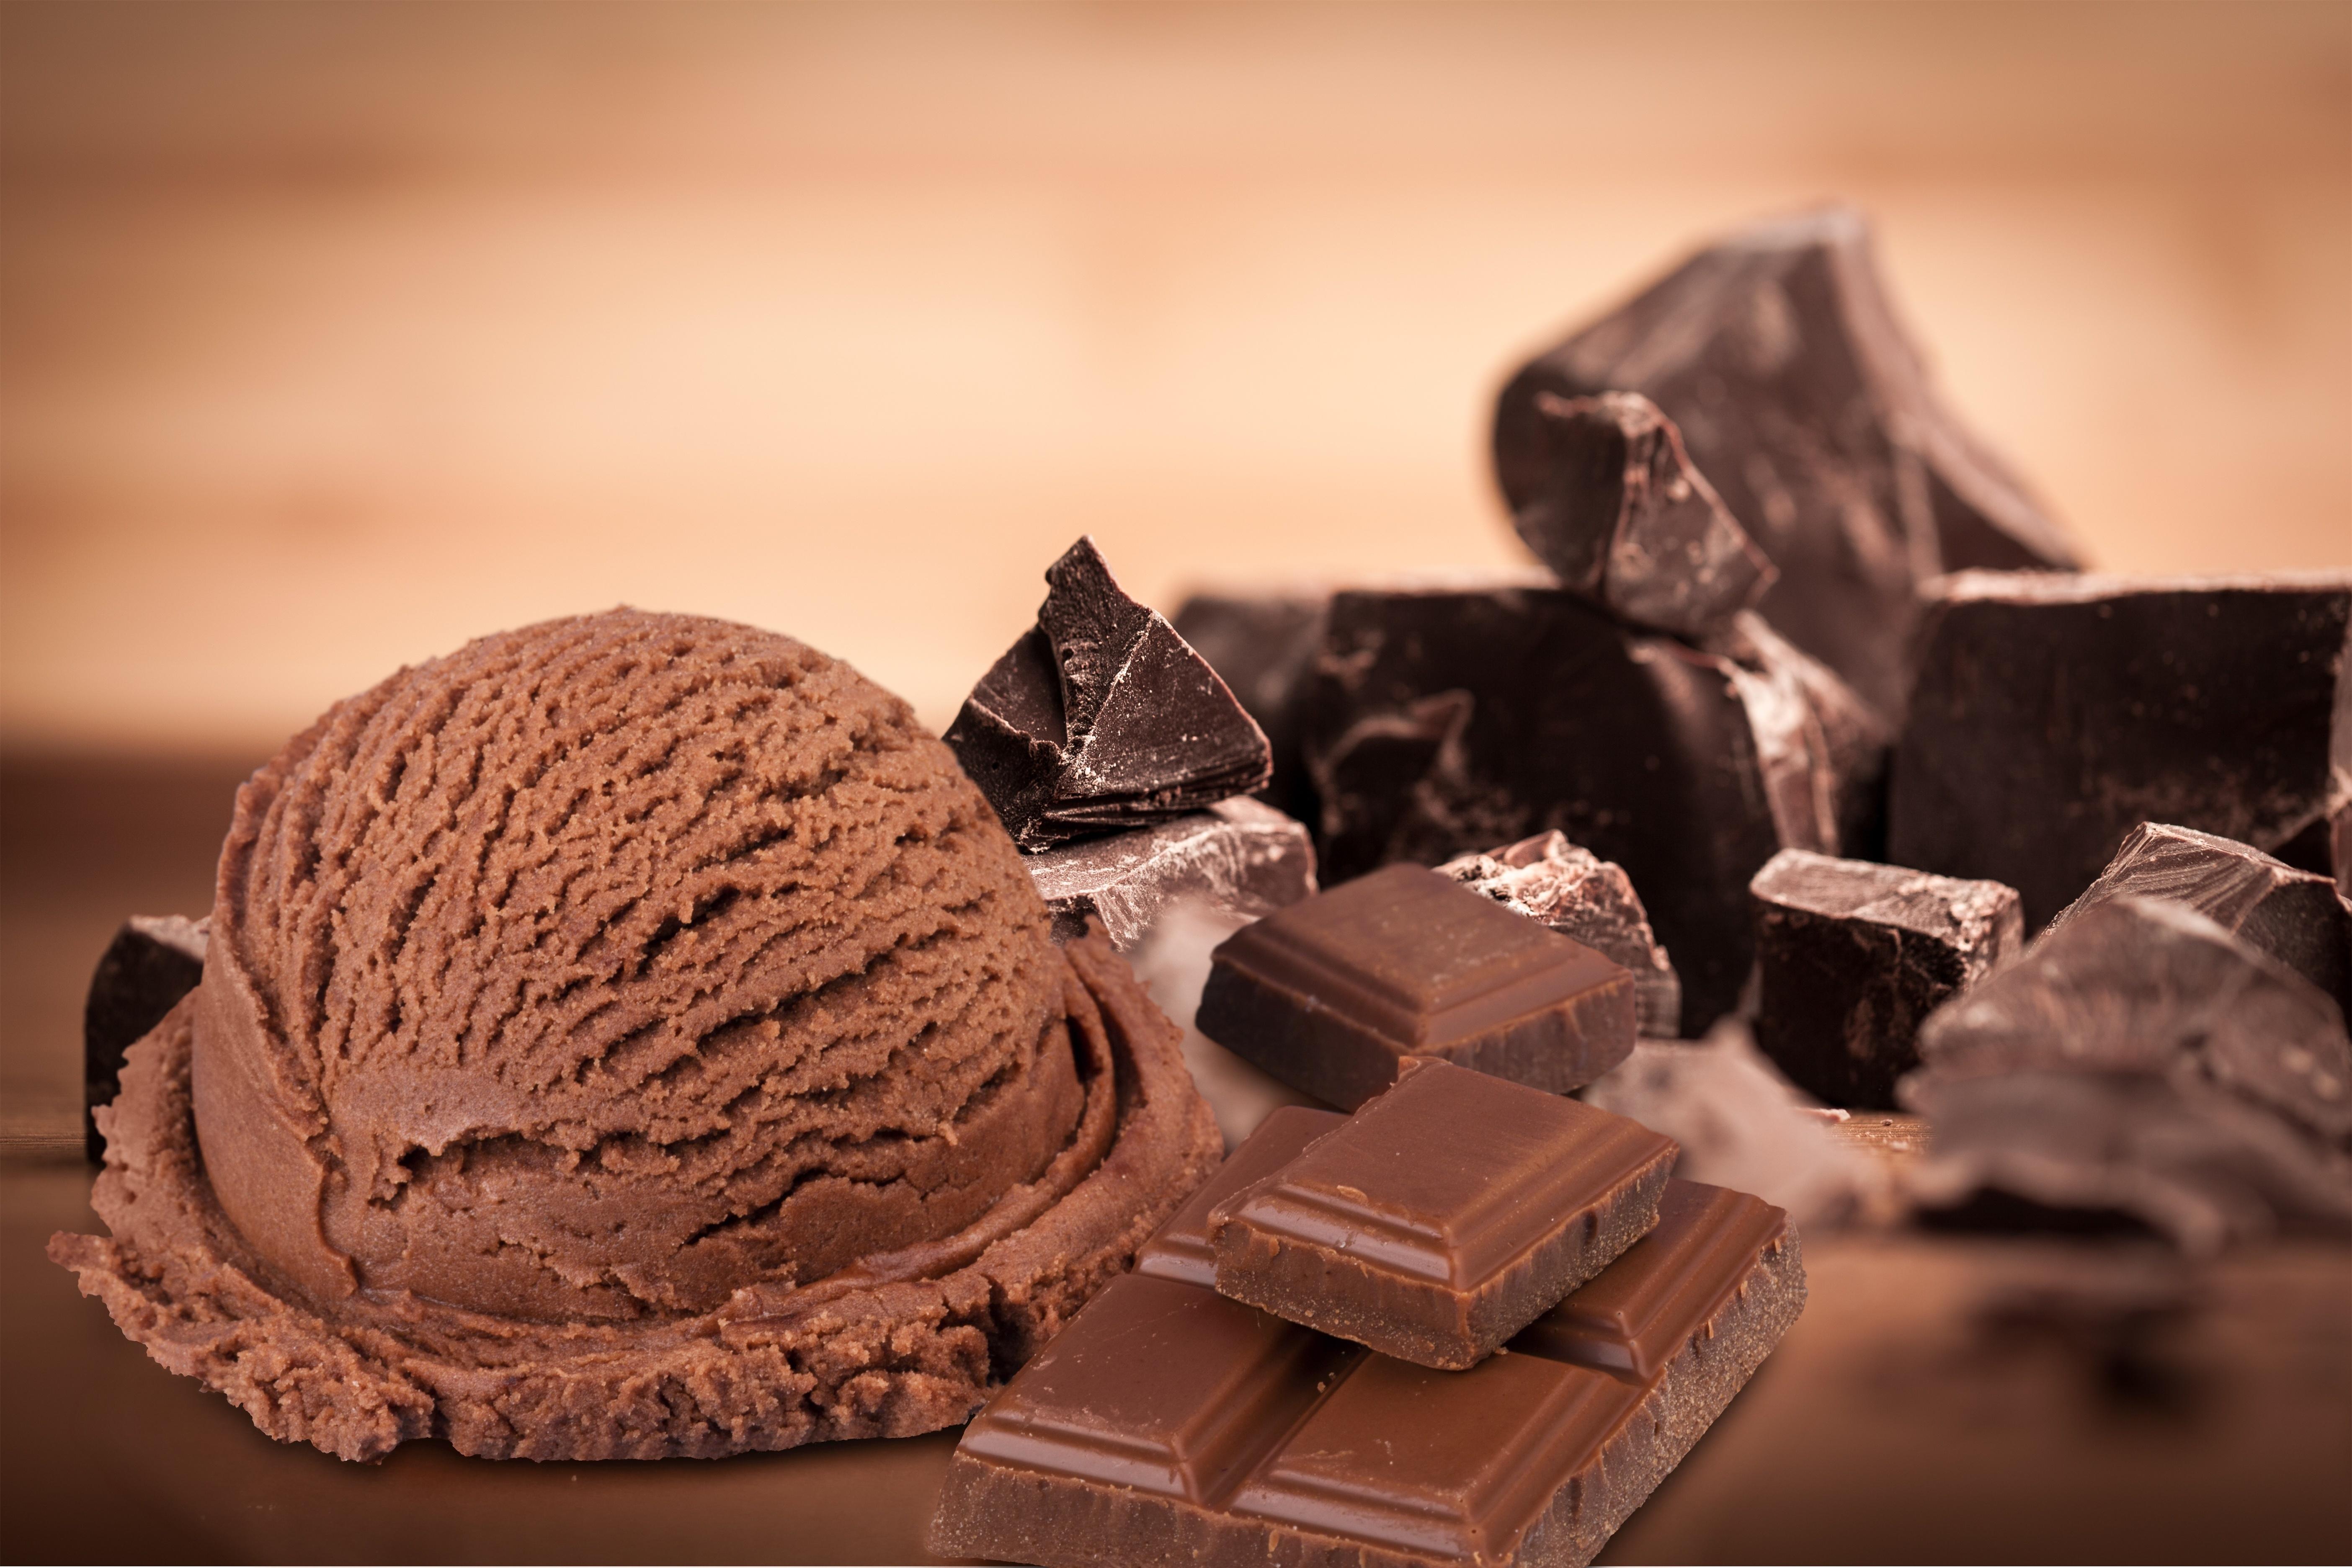 картинки шоколадная жизнь вечно продолжаться это